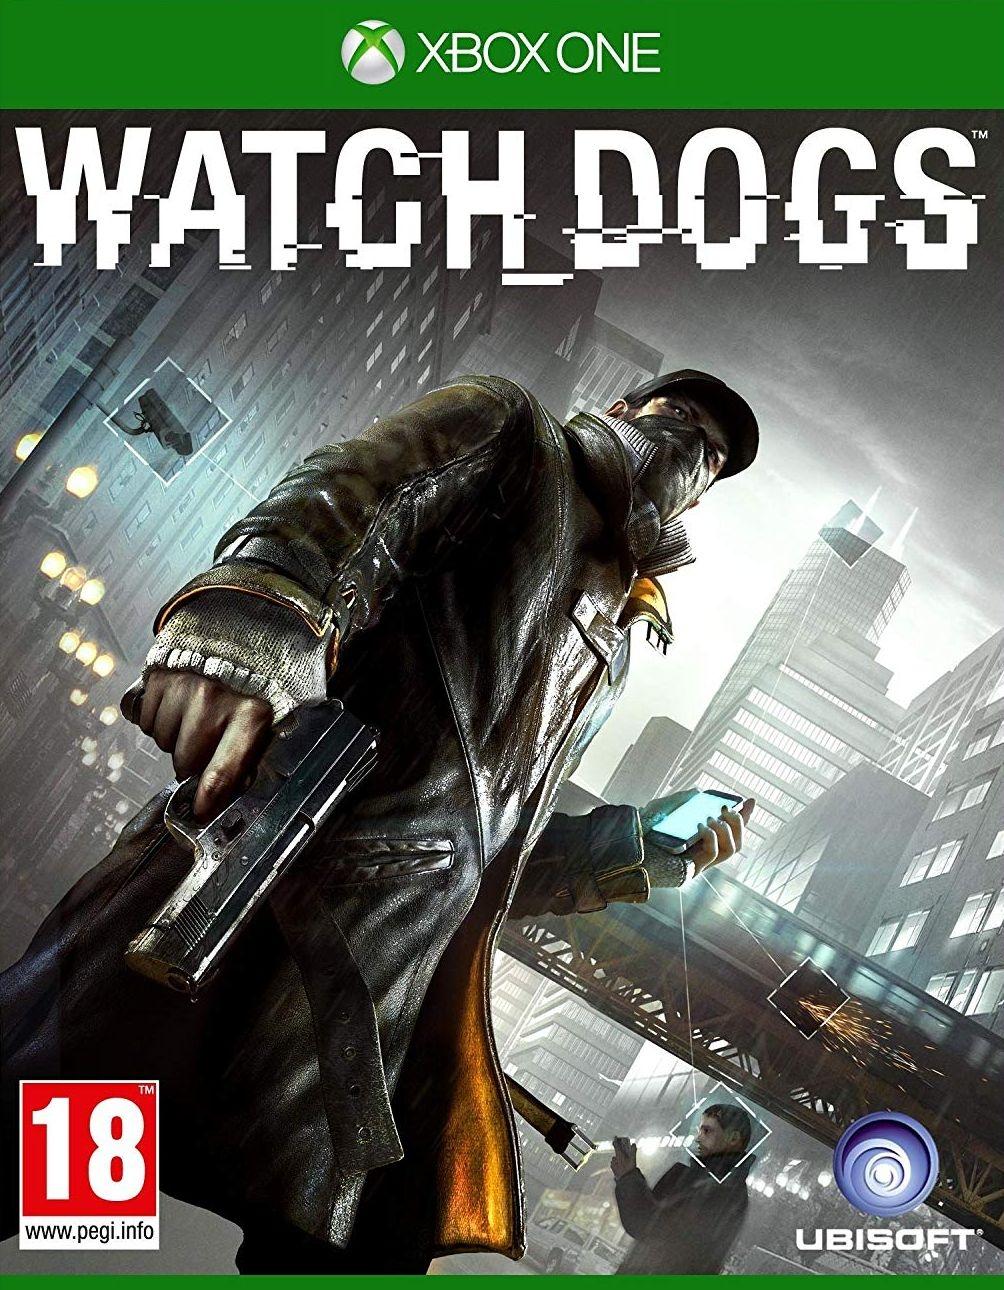 XBOXOne Watch Dogs